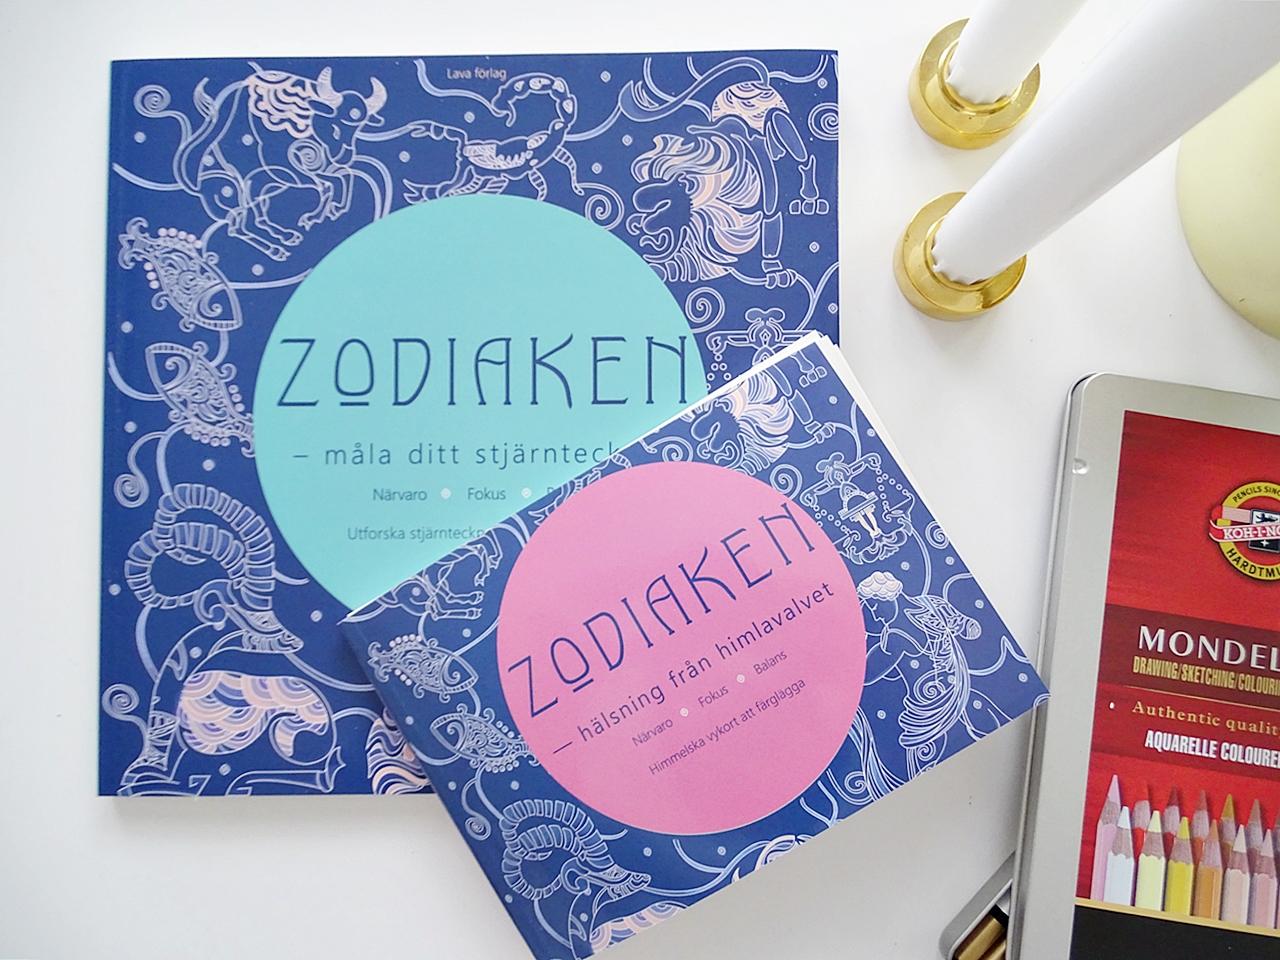 Zodiaken – måla ditt stjärntecken